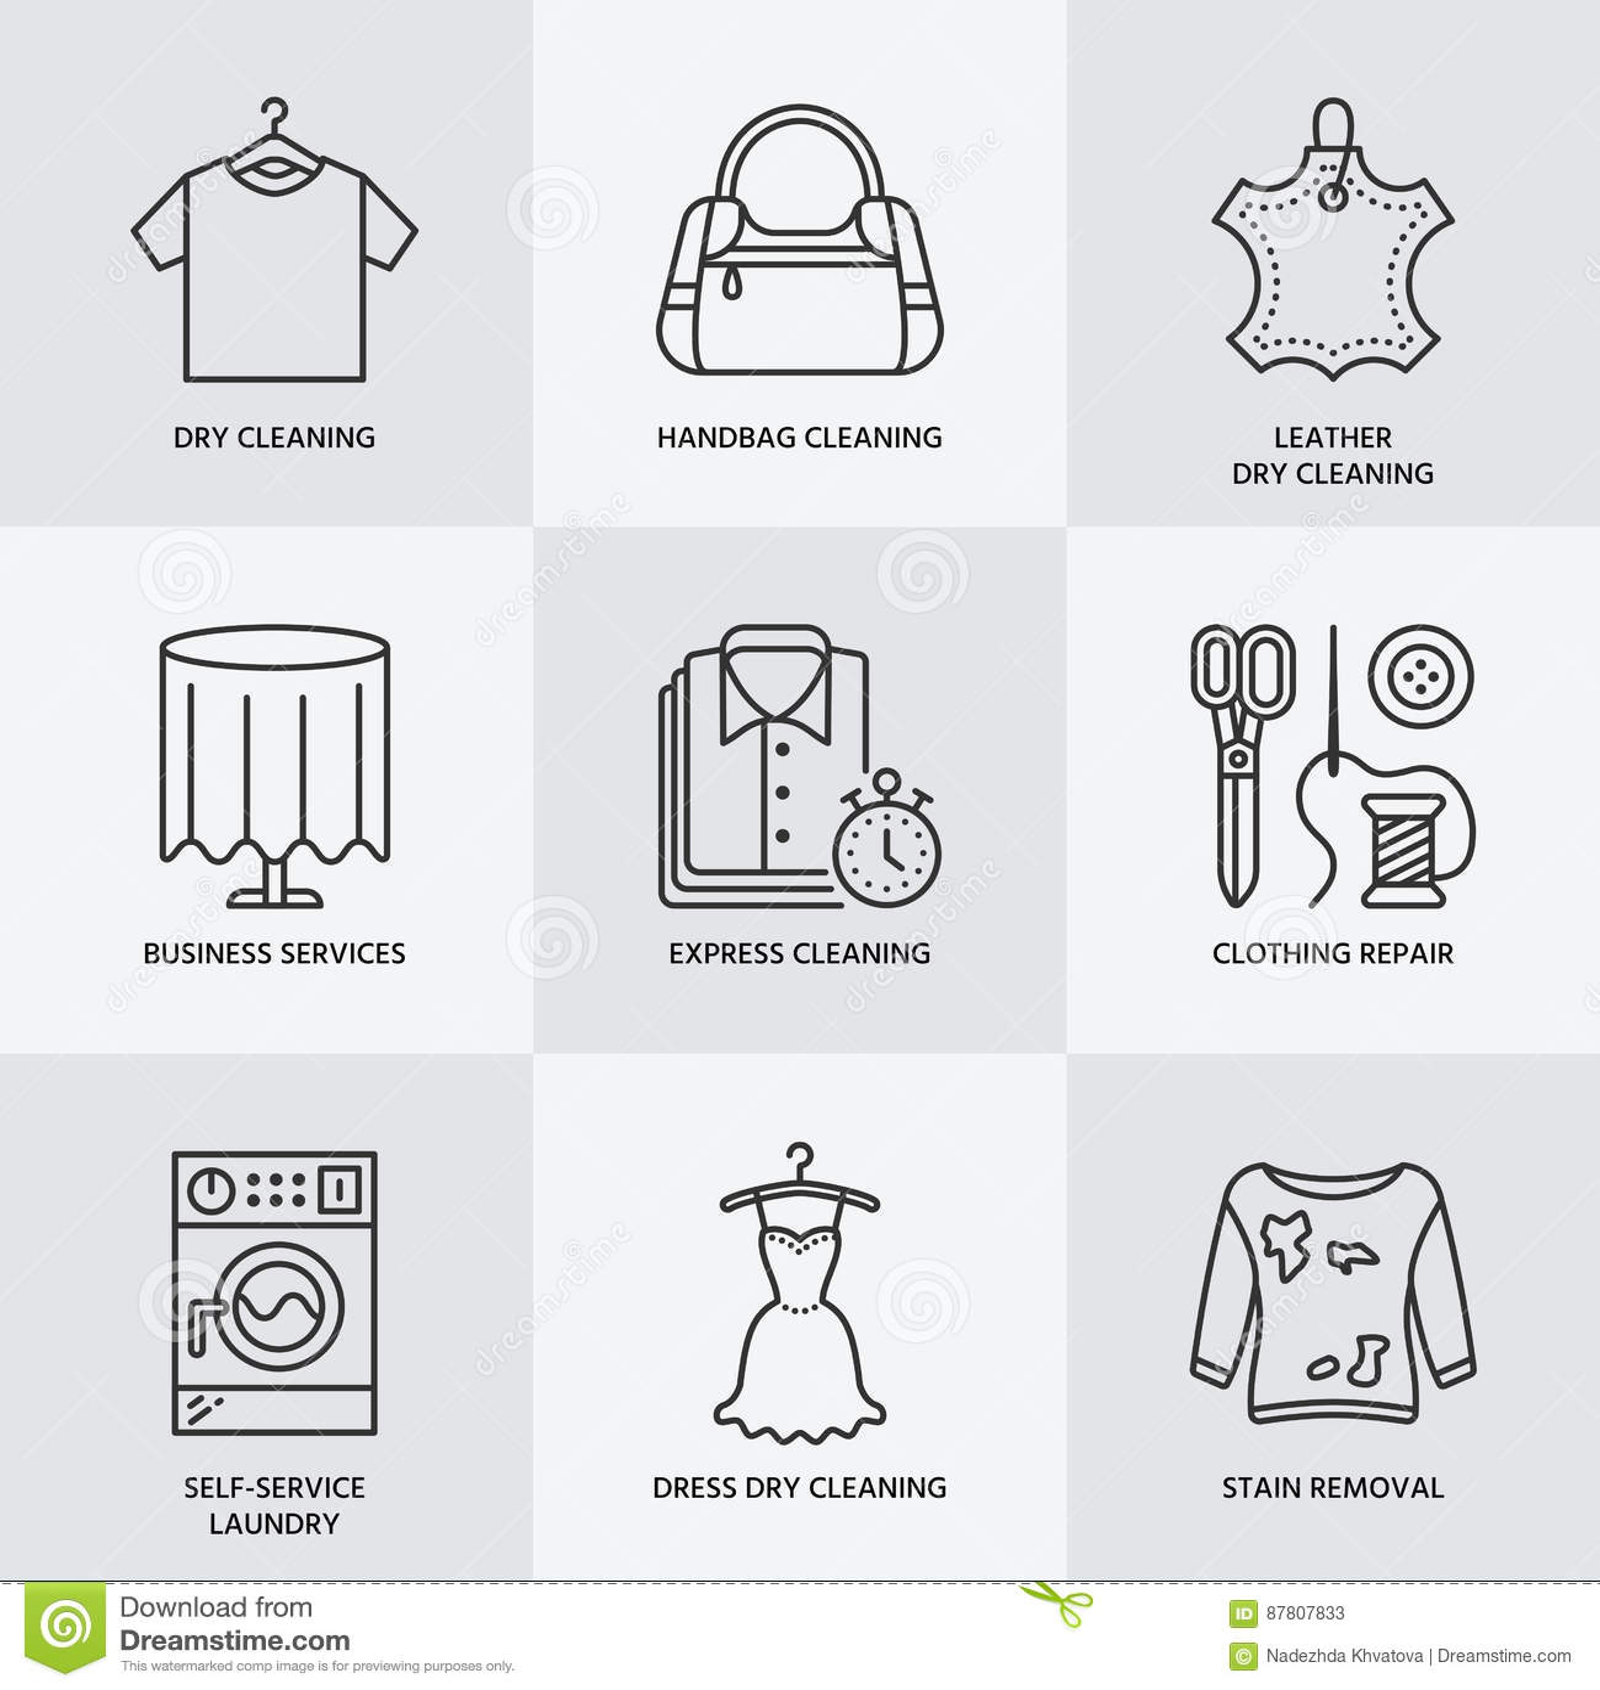 nettoyage sec ligne ic nes de blanchisserie quipement de service de laverie machine laver. Black Bedroom Furniture Sets. Home Design Ideas